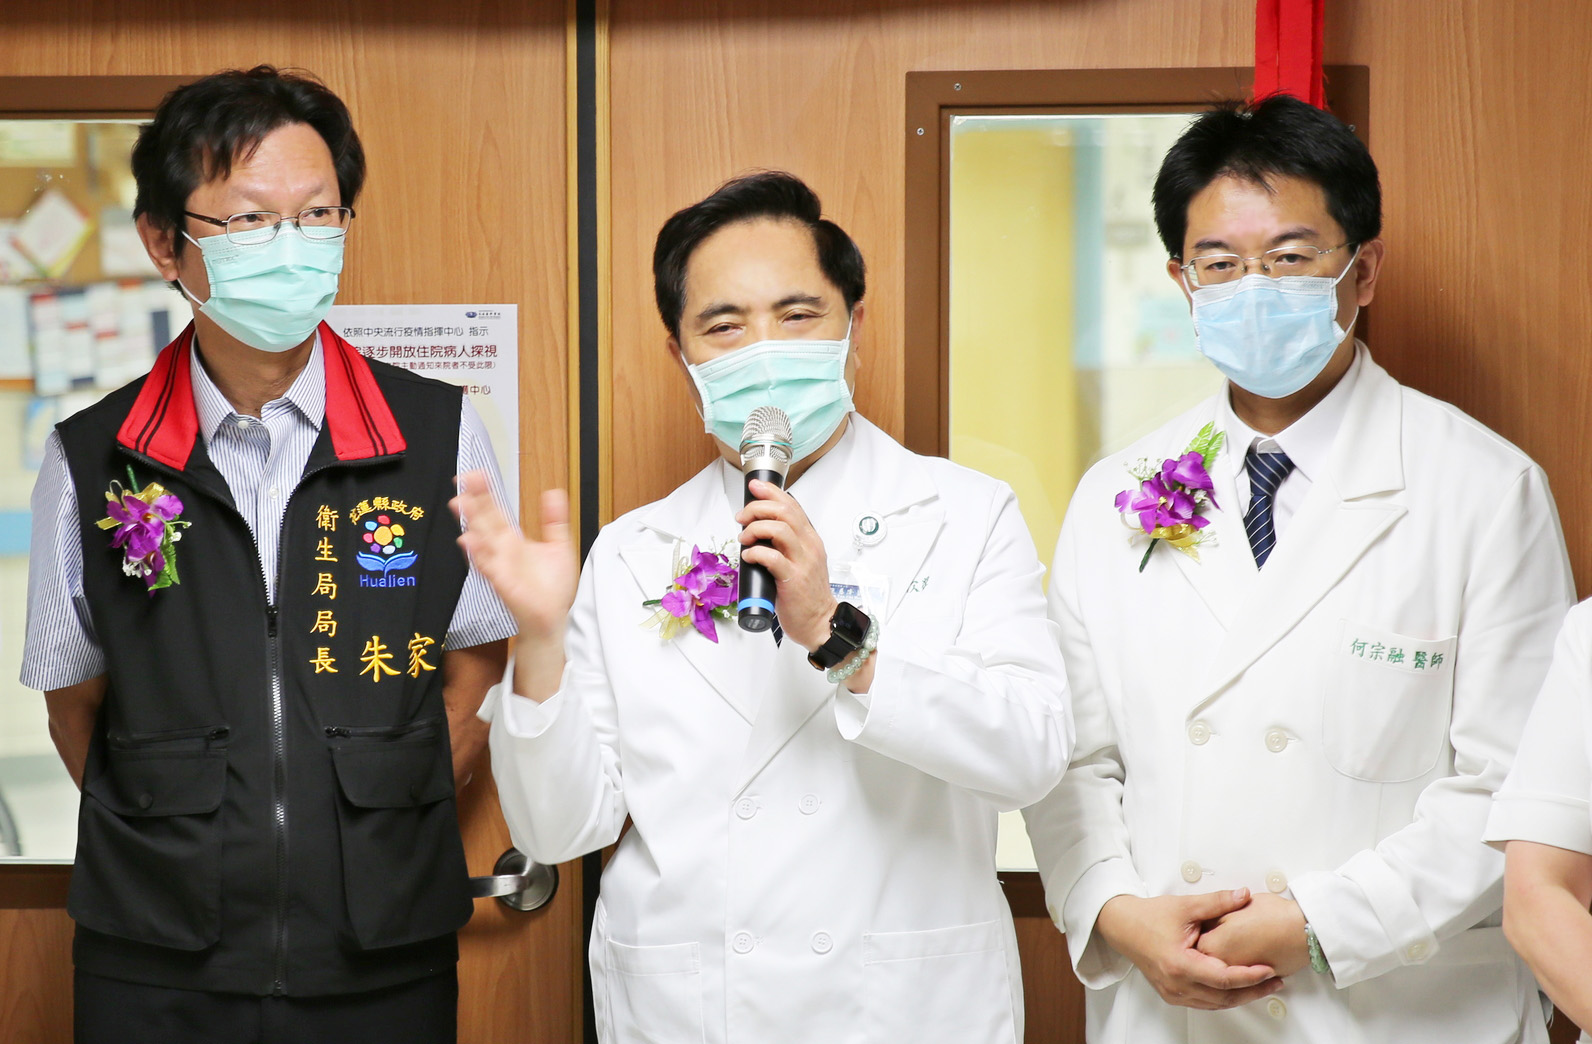 花蓮慈院院長林欣榮表示,很感謝衛生福利部與花蓮縣衛生局長官的支持,這次能有三十五床的後送病床名額。